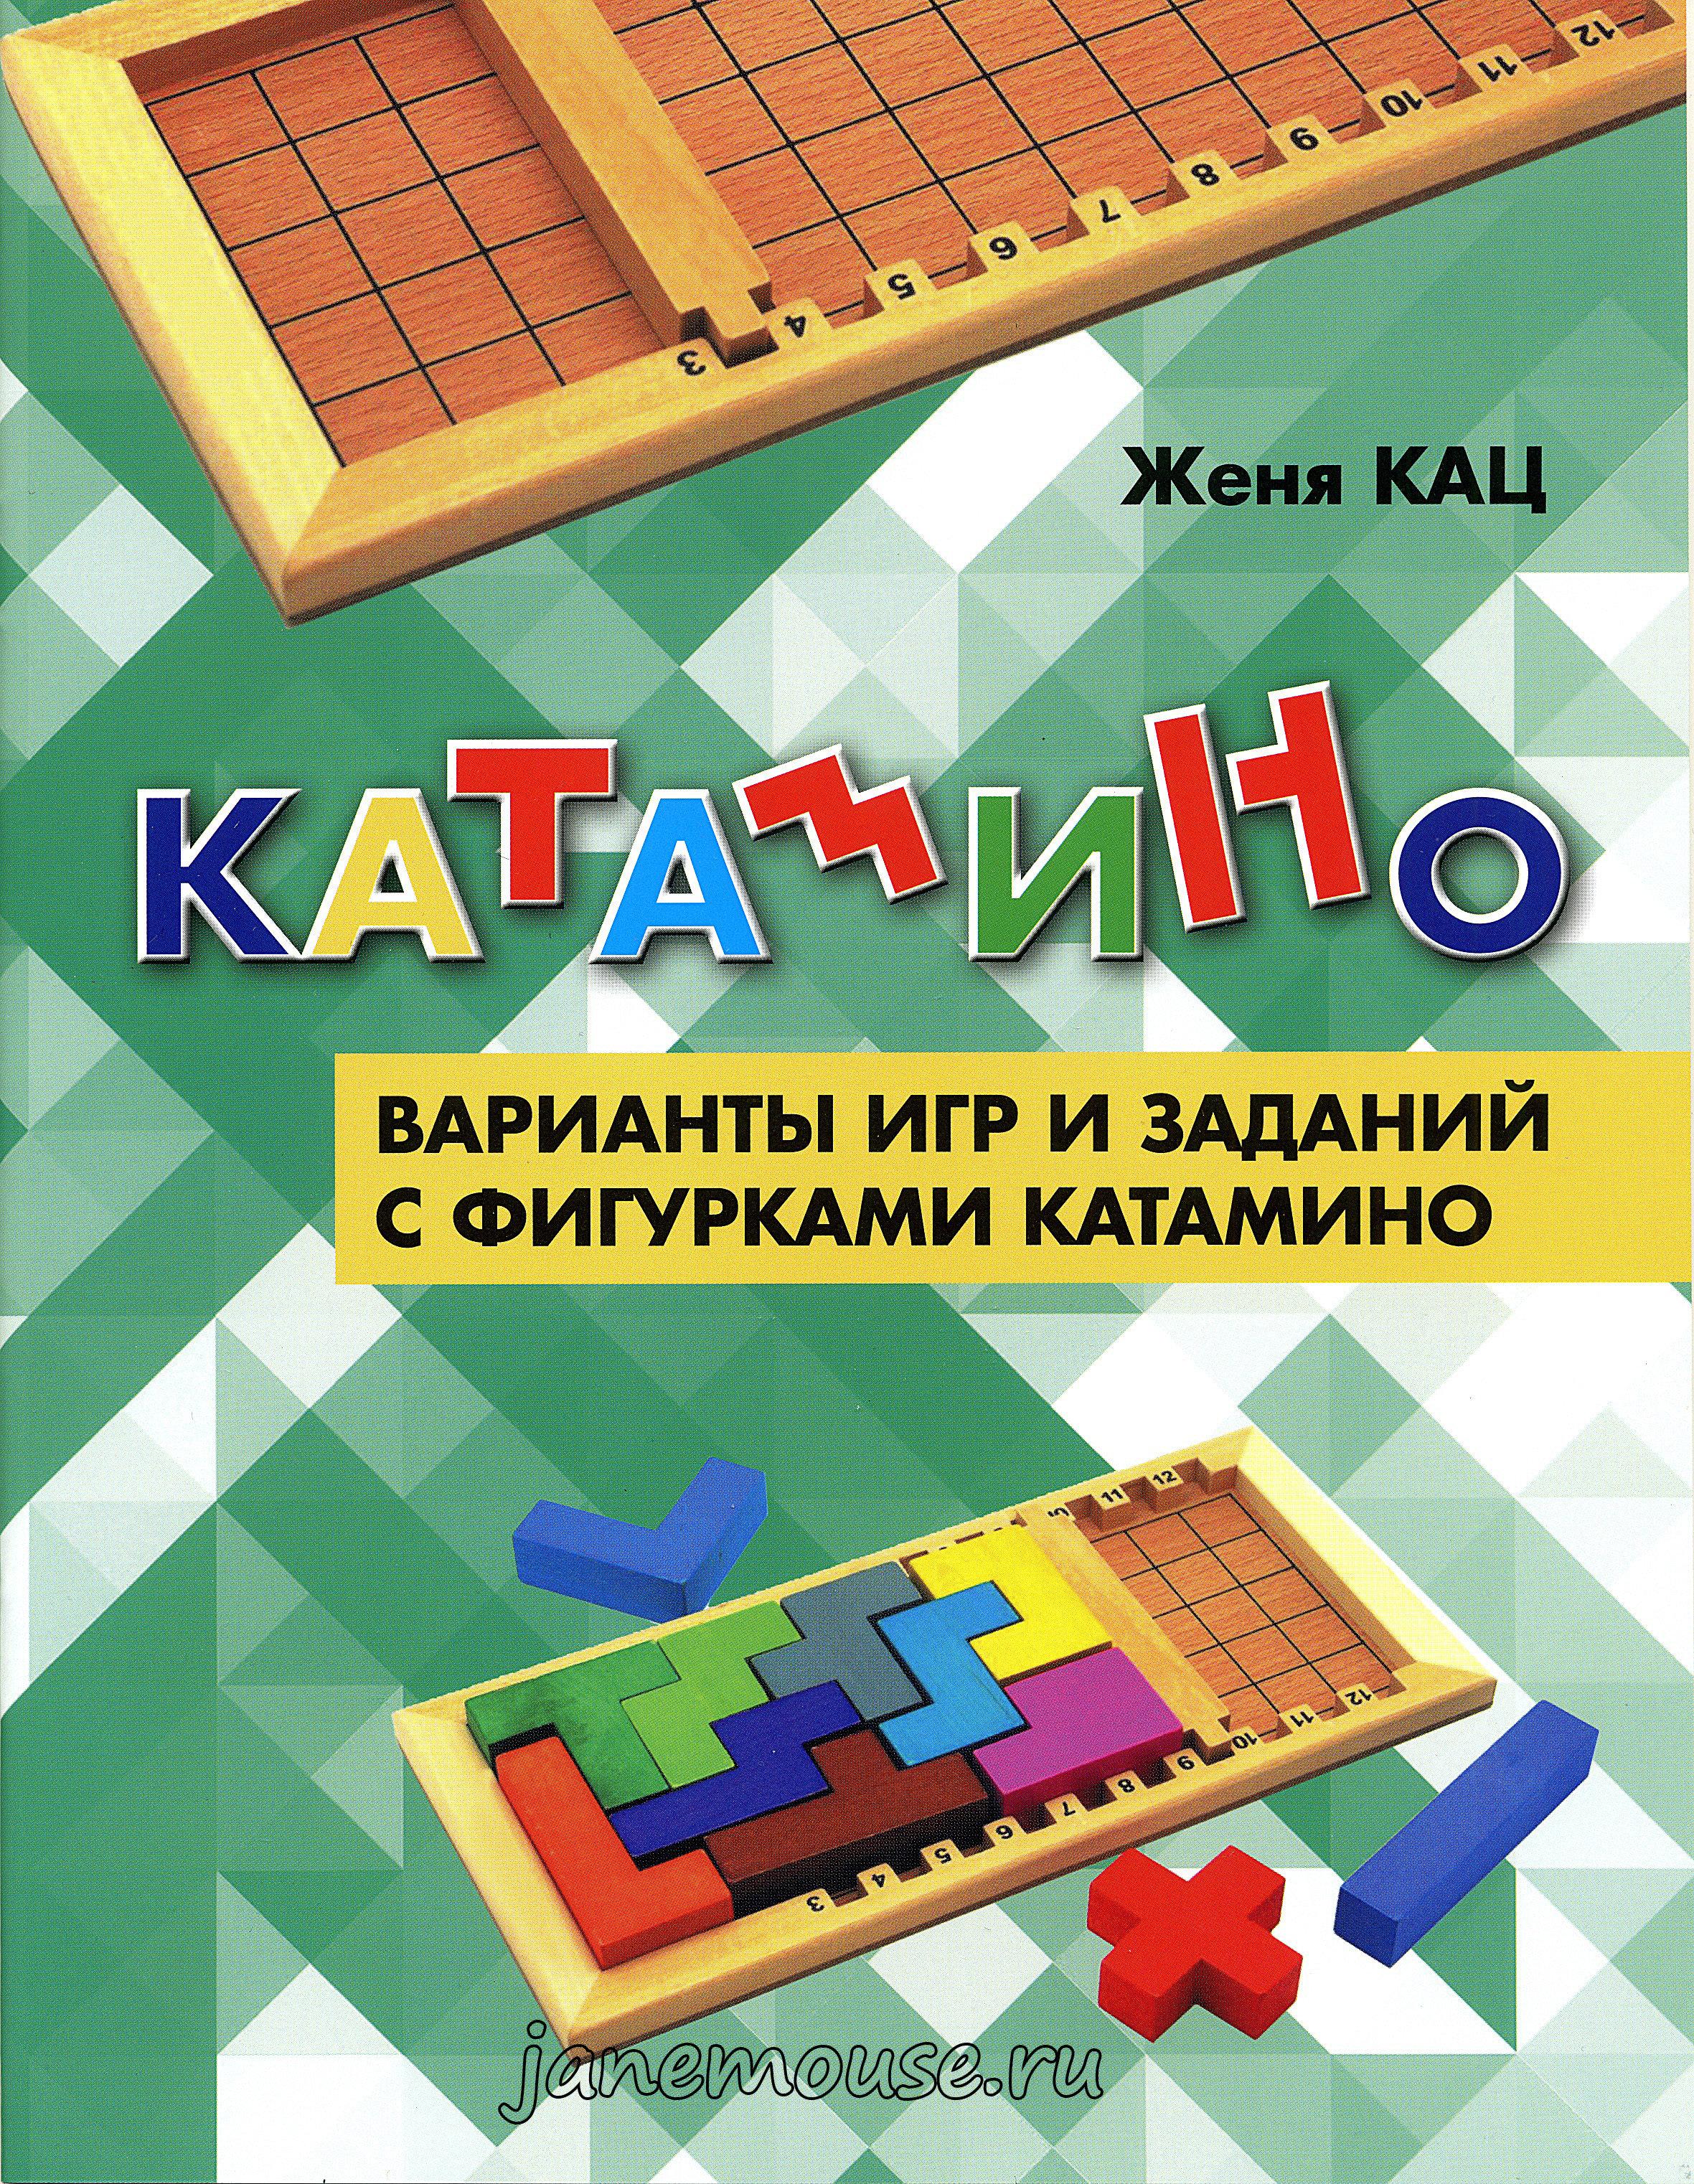 Катамино. Варианты игр и заданий. 00185